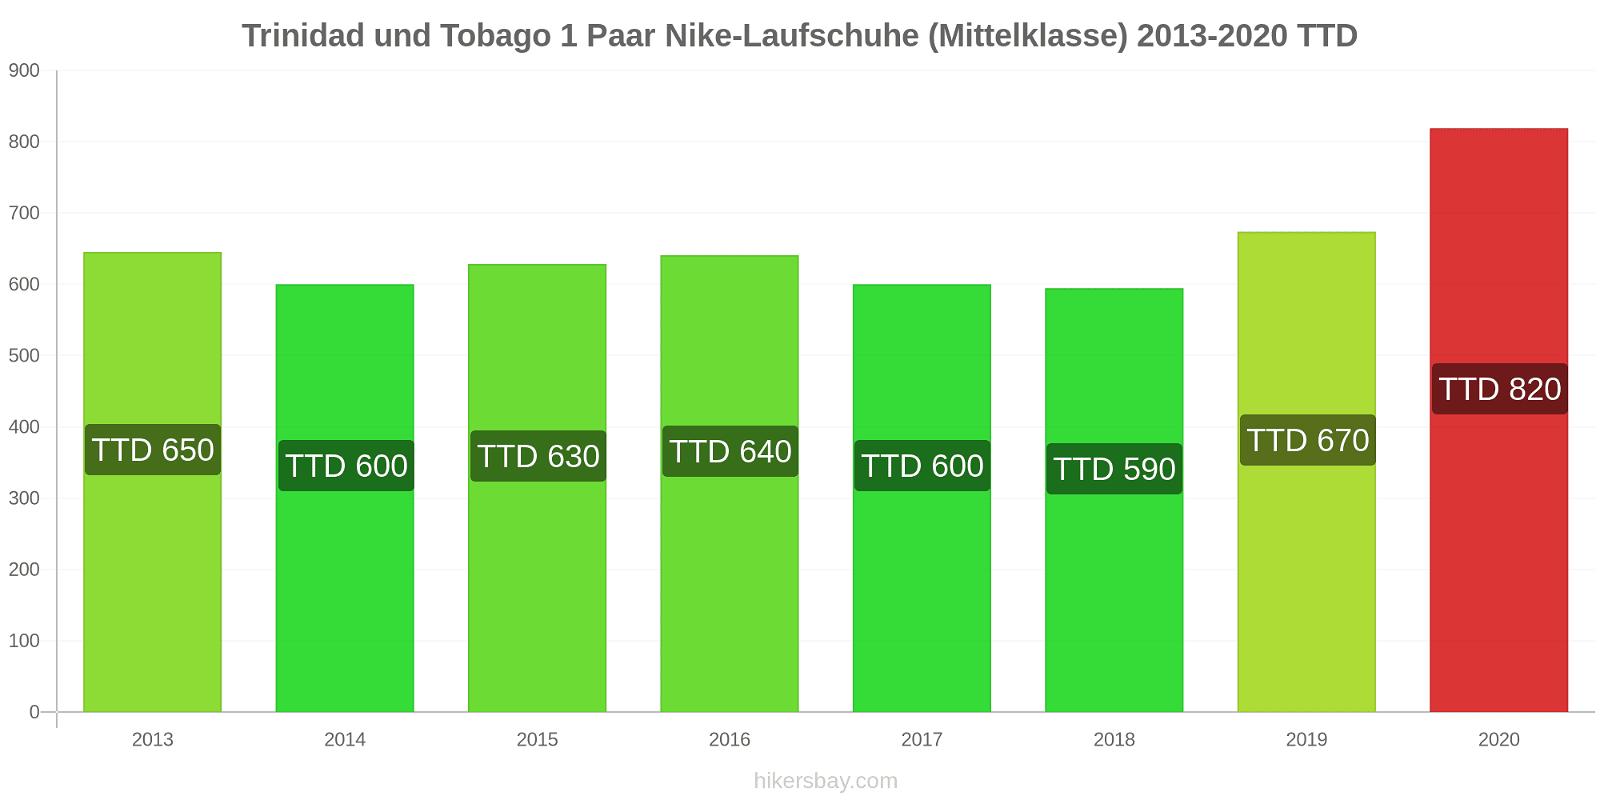 Trinidad und Tobago Preisänderungen 1 Paar Nike Laufschuhe (Mittelklasse) hikersbay.com